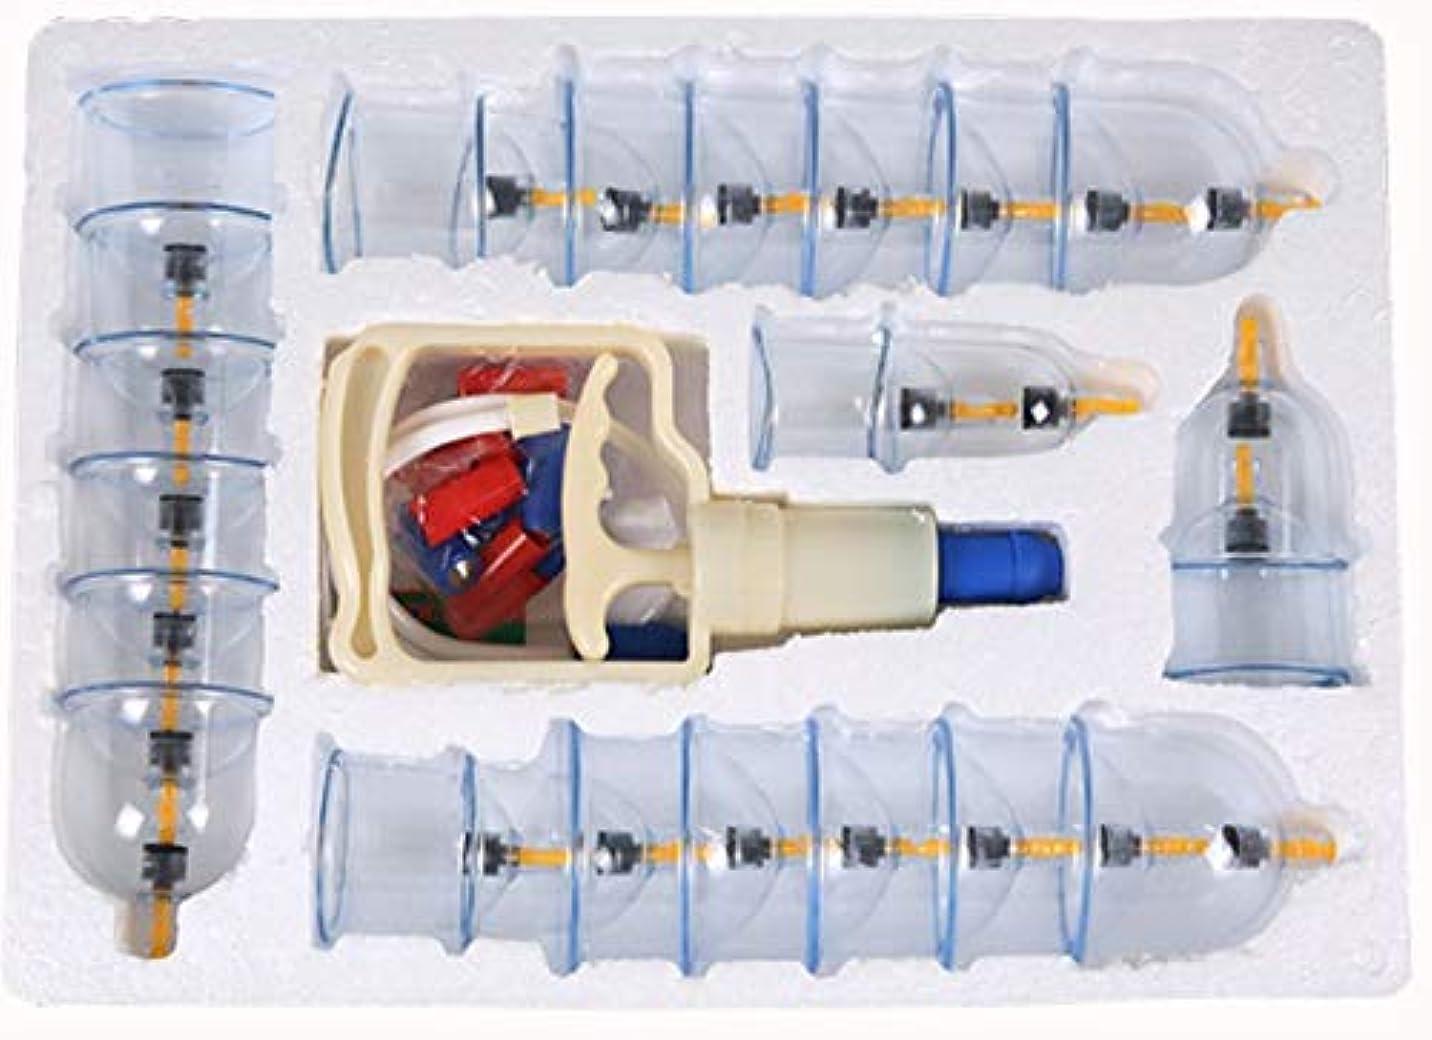 赤銛玉(ラフマトーン) カッピング 吸い玉 大きいカップが多い 吸い玉 5種 24個セット 磁針 12個 関節用カップ付 脂肪吸引 自宅エステ